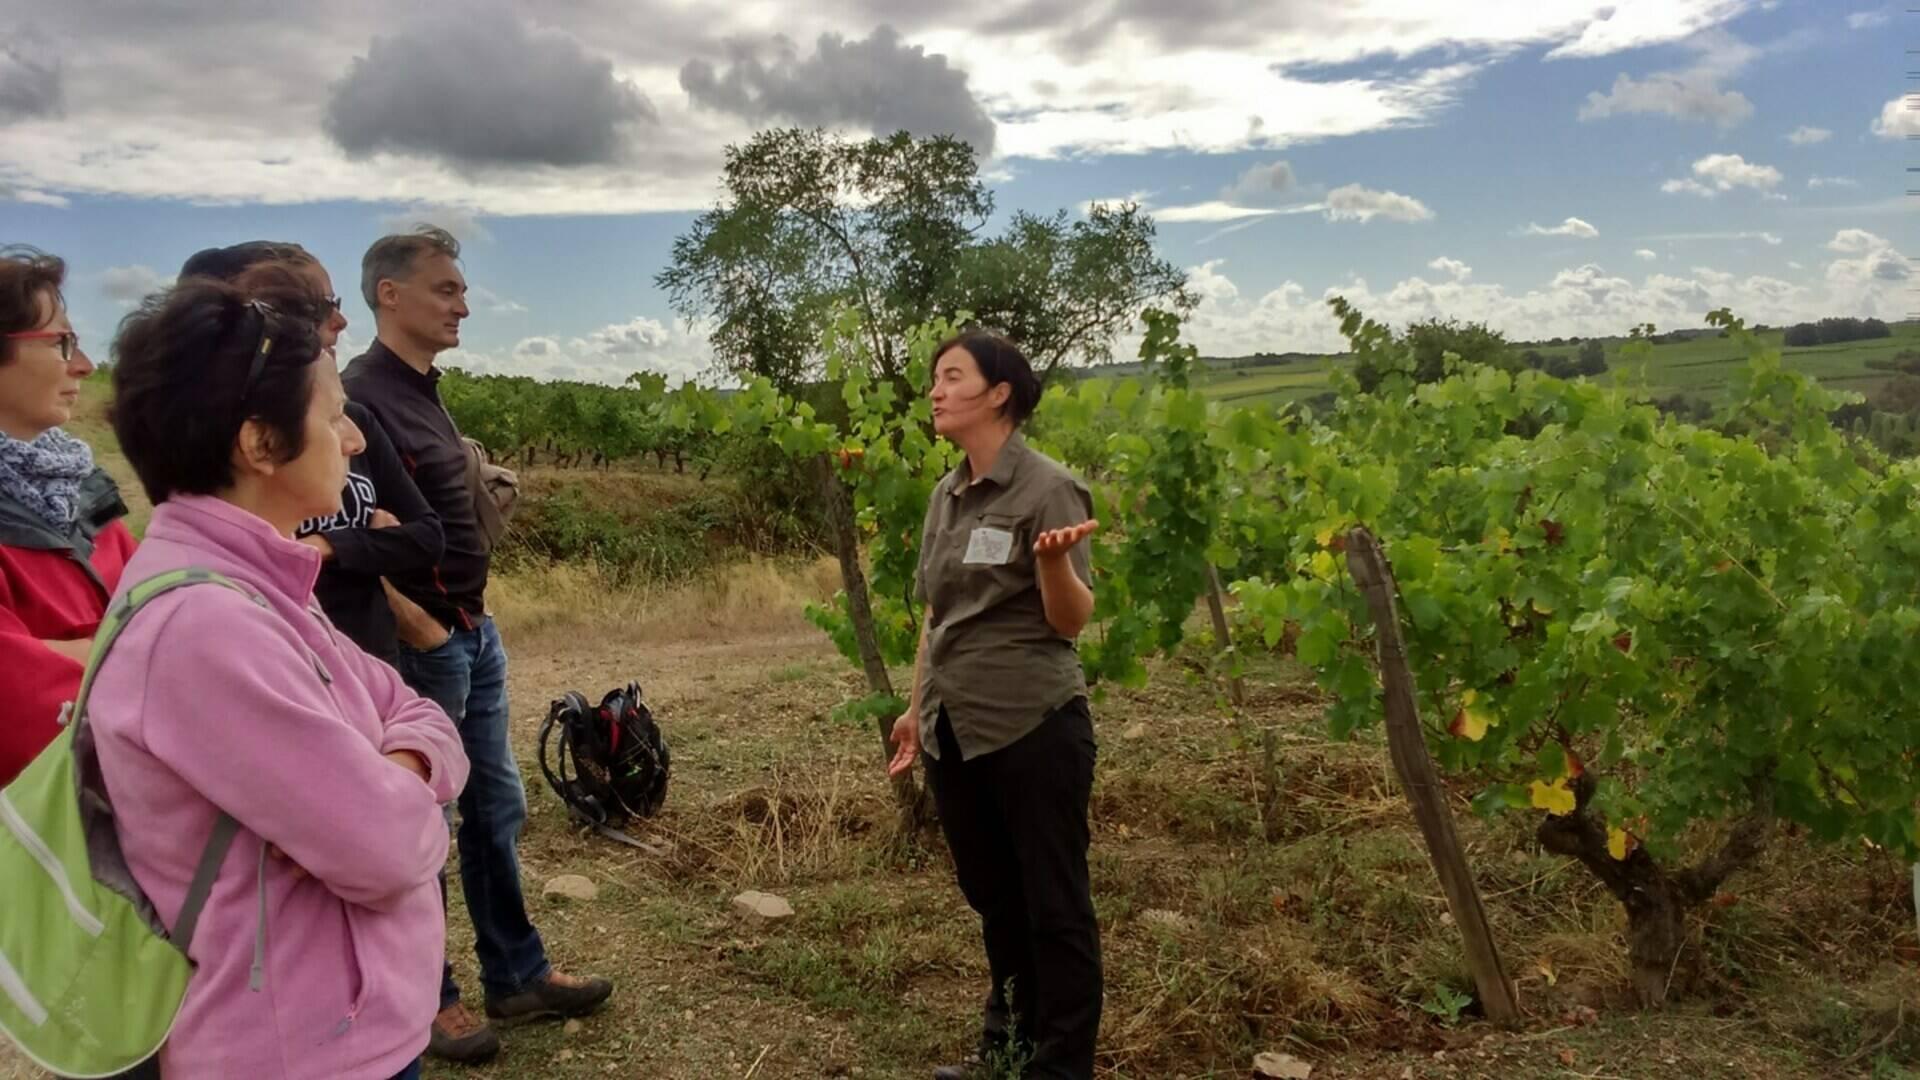 Randonnée dans le vignoble avec Val des Vignes selon Val